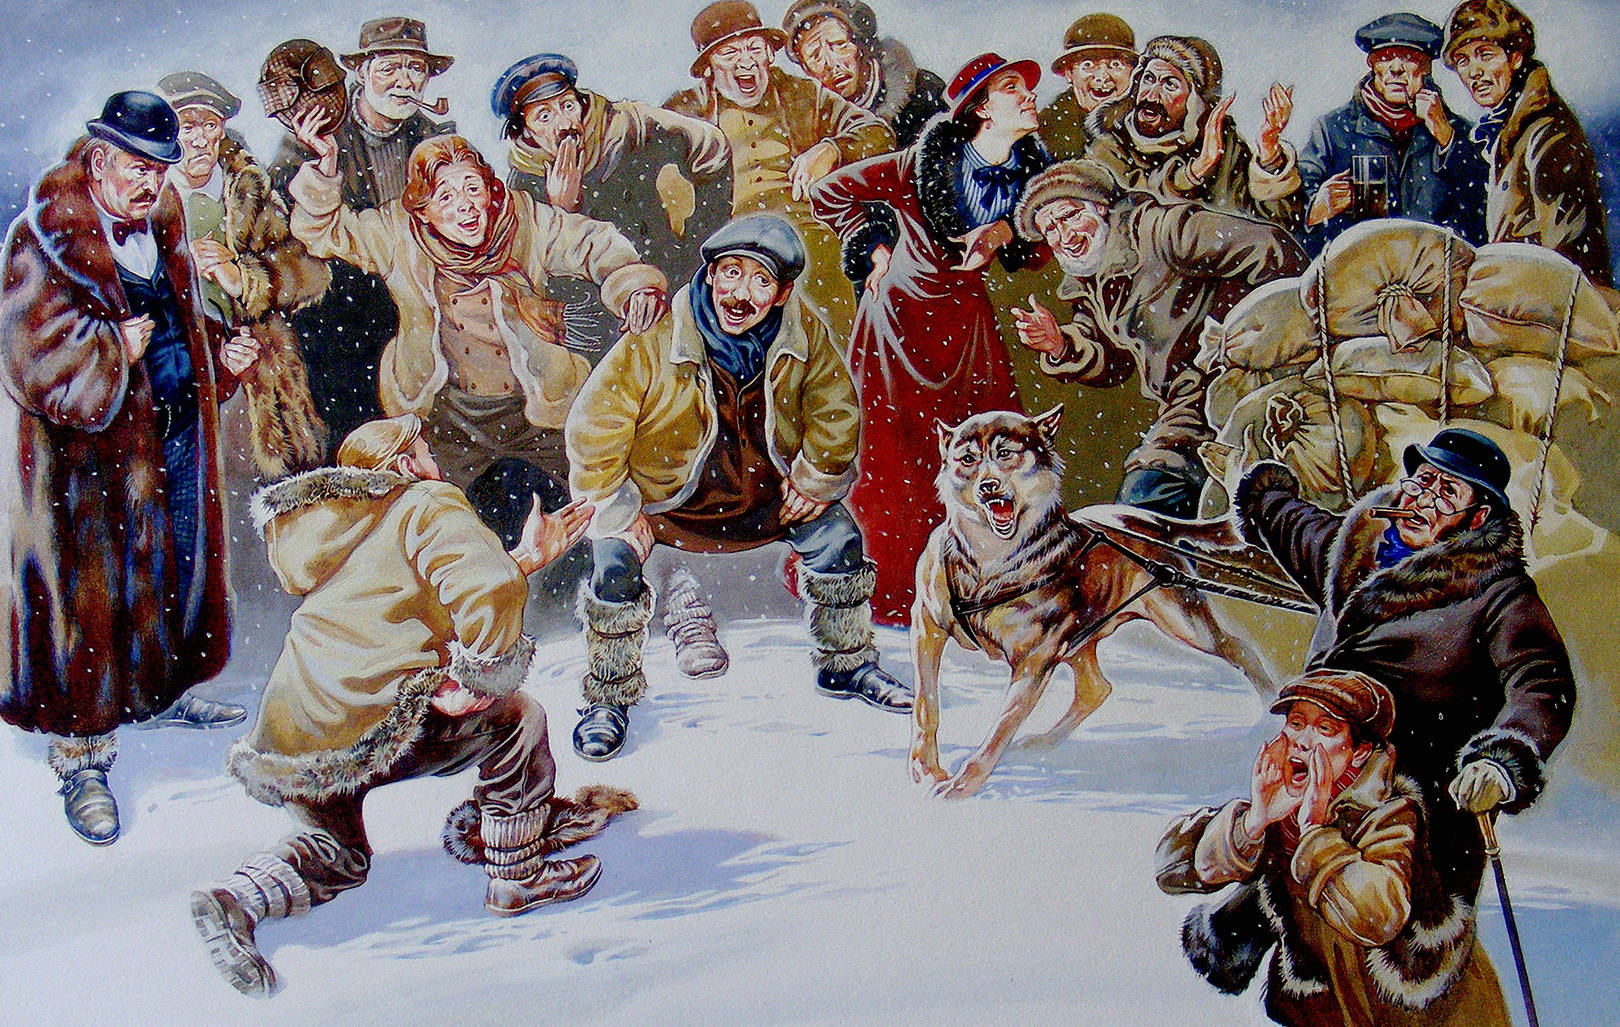 """Иллюстрация к произведению Джека Лондона """"Зов предков"""""""